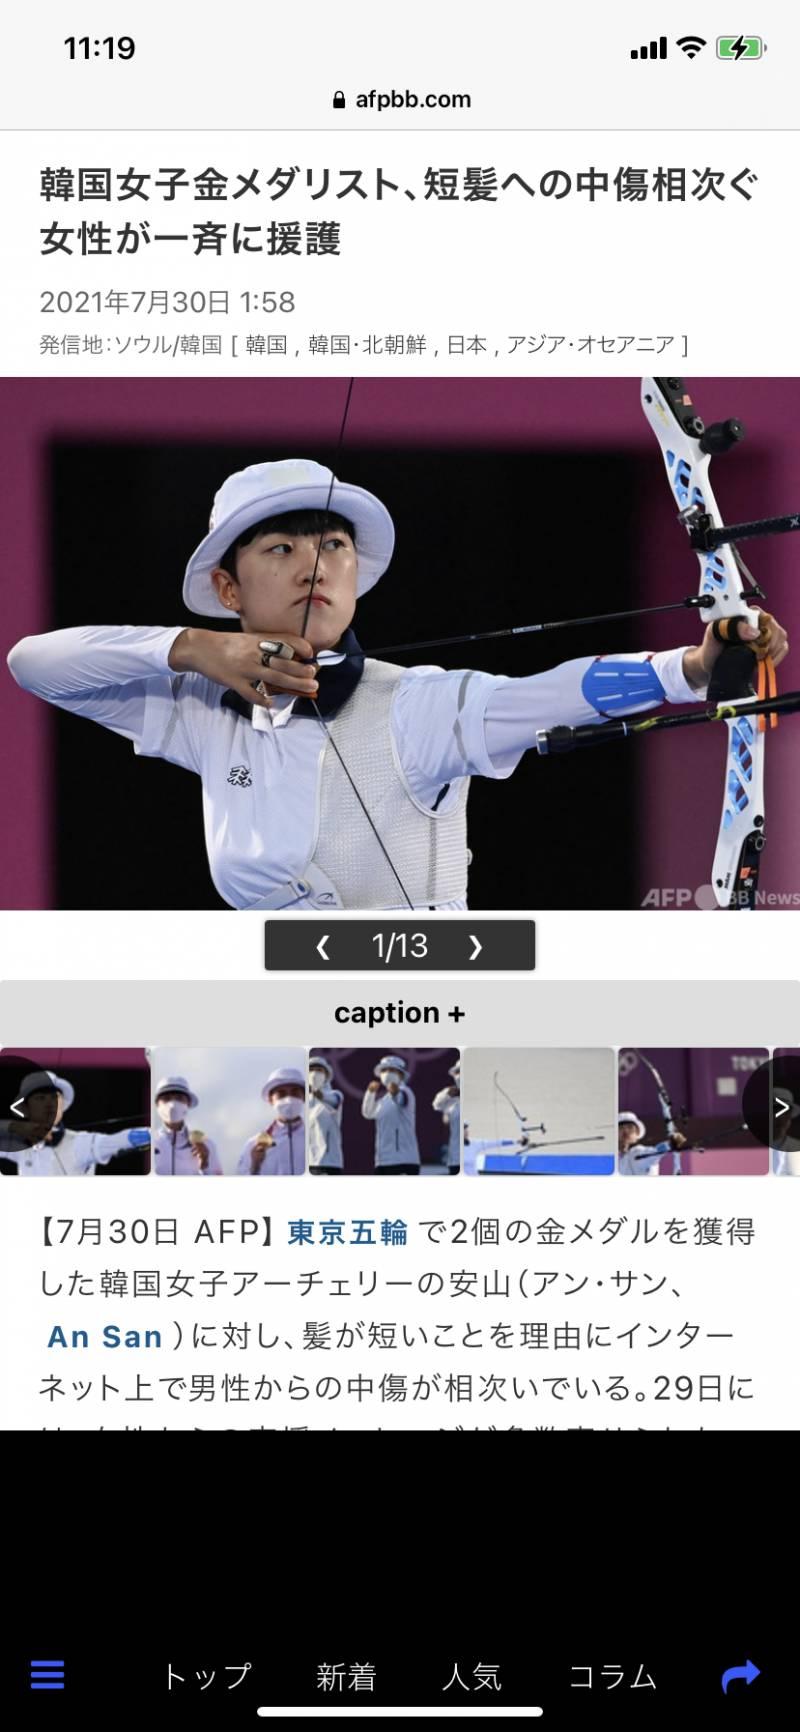 안산 선수 일 일본에서도 기사나서 욕먹는중;   인스티즈